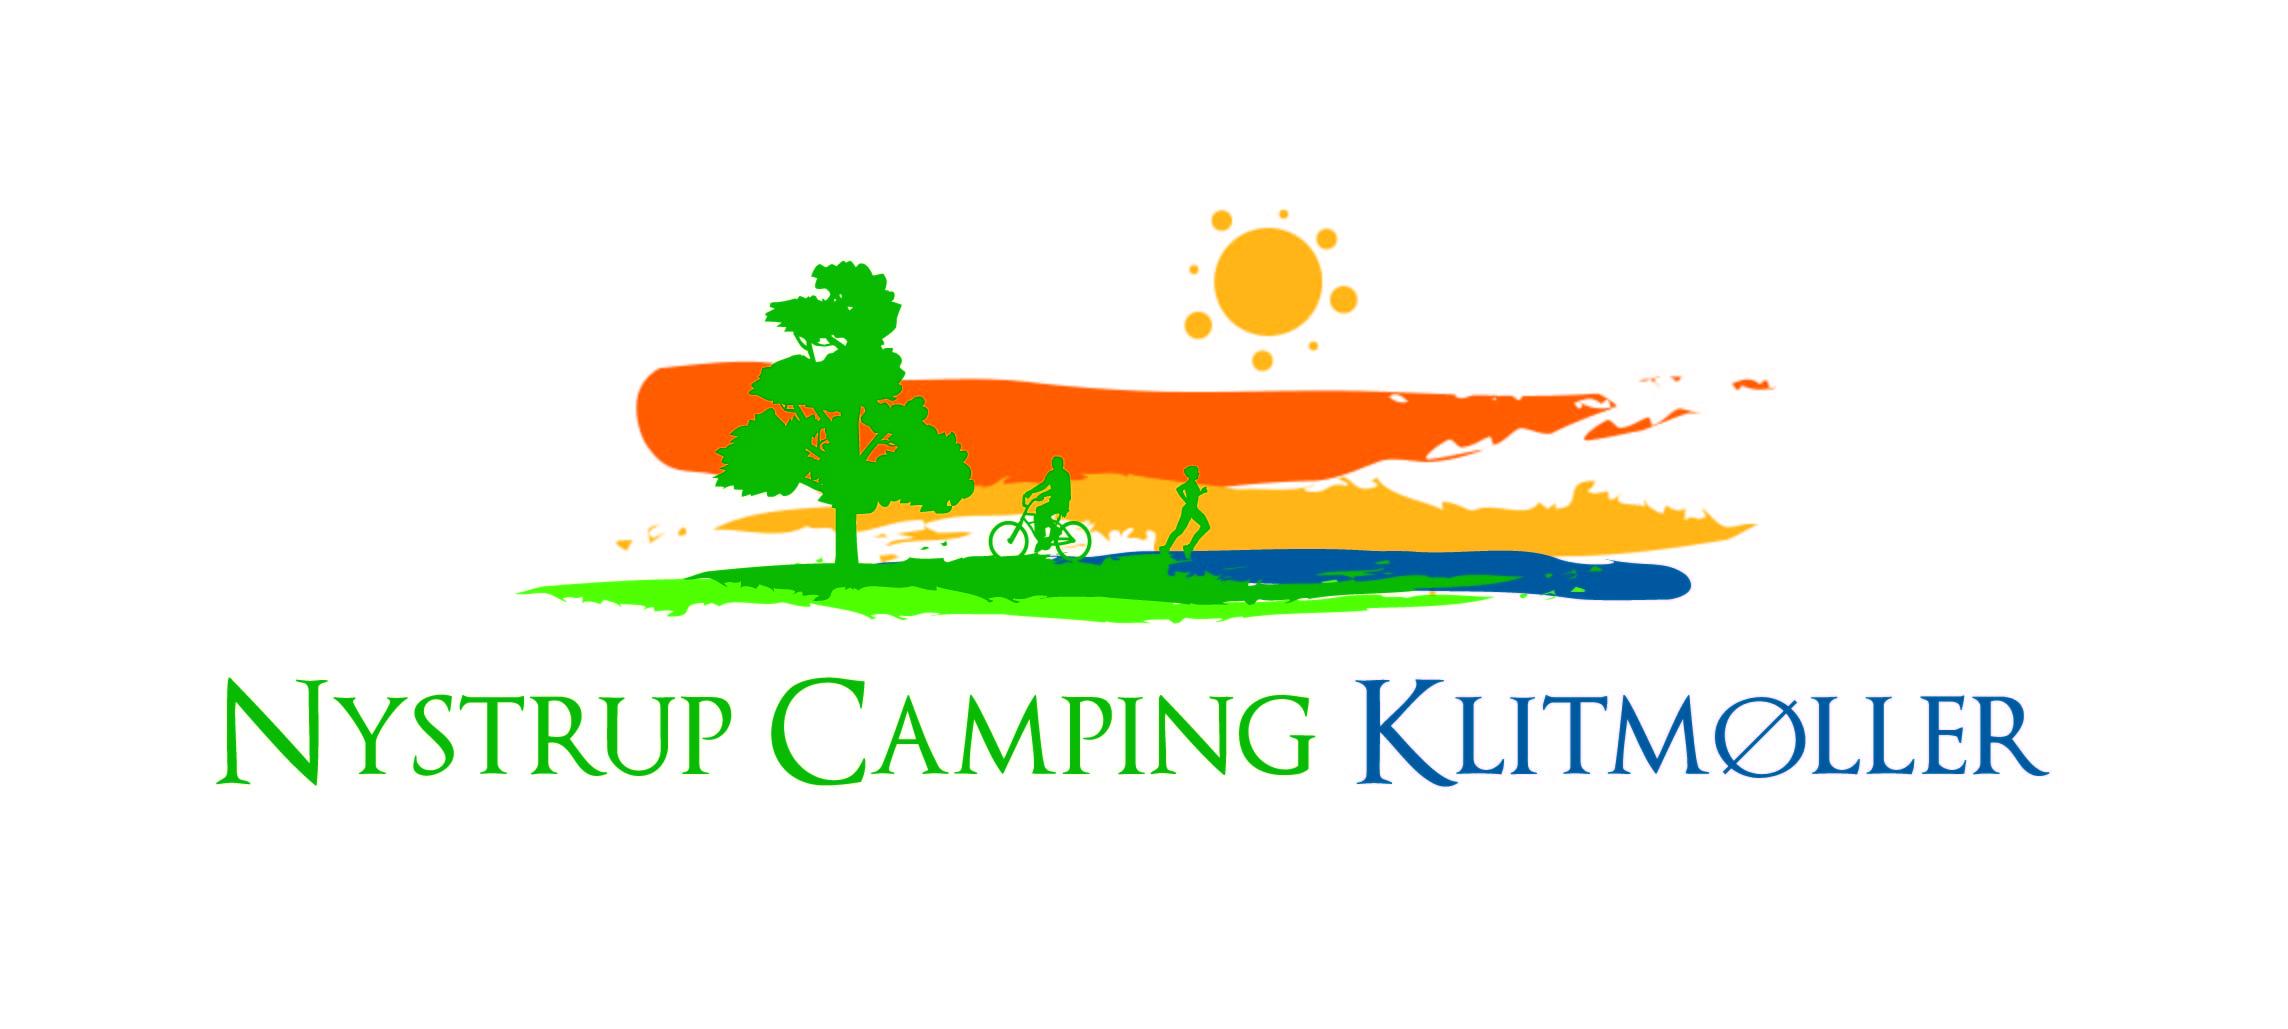 logo design for nystrup camping klitm248ller by logos4u